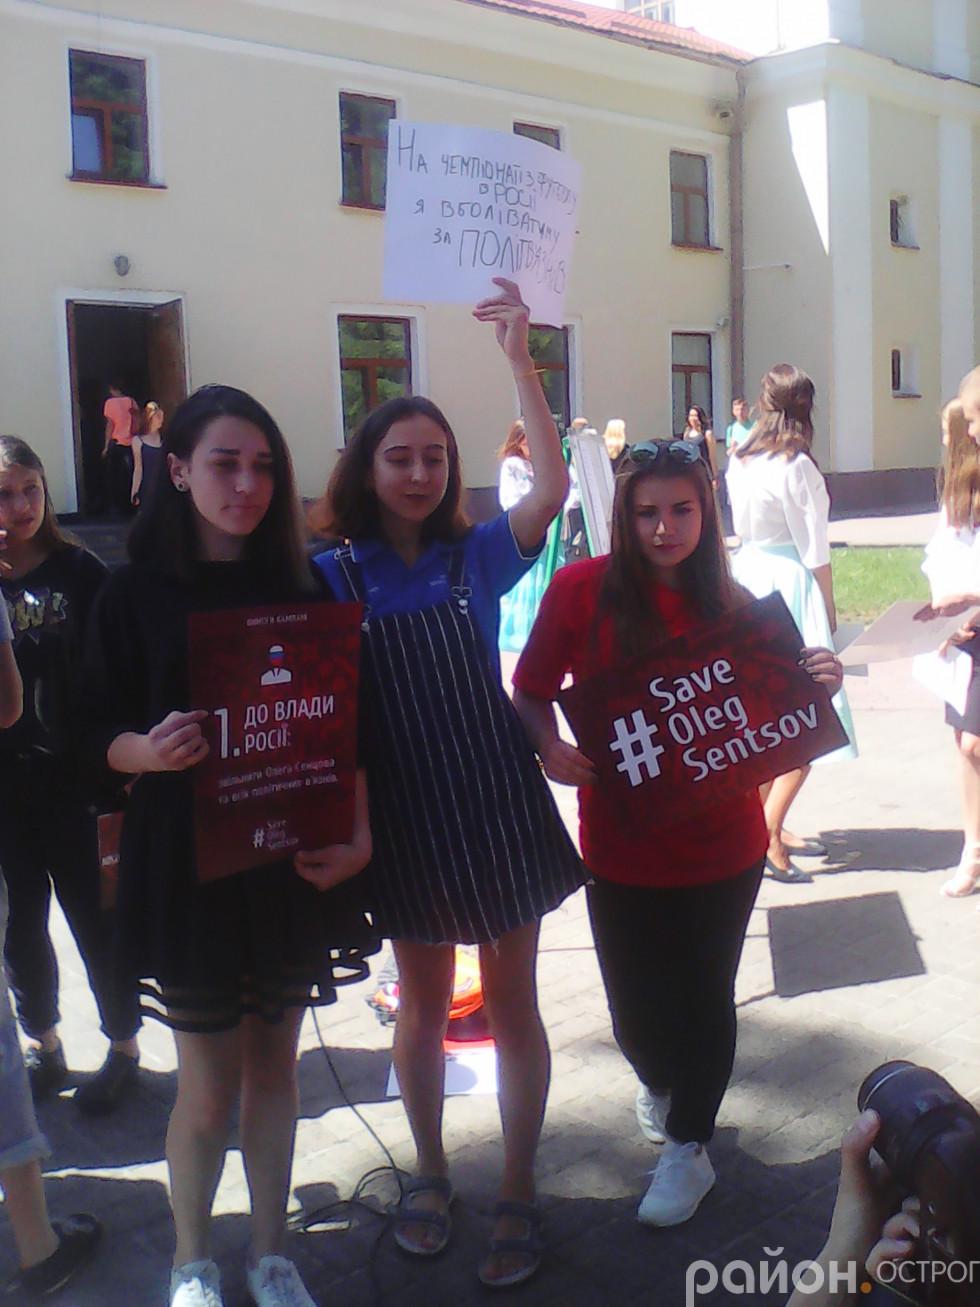 Студенти підтримують Олега Сенцова